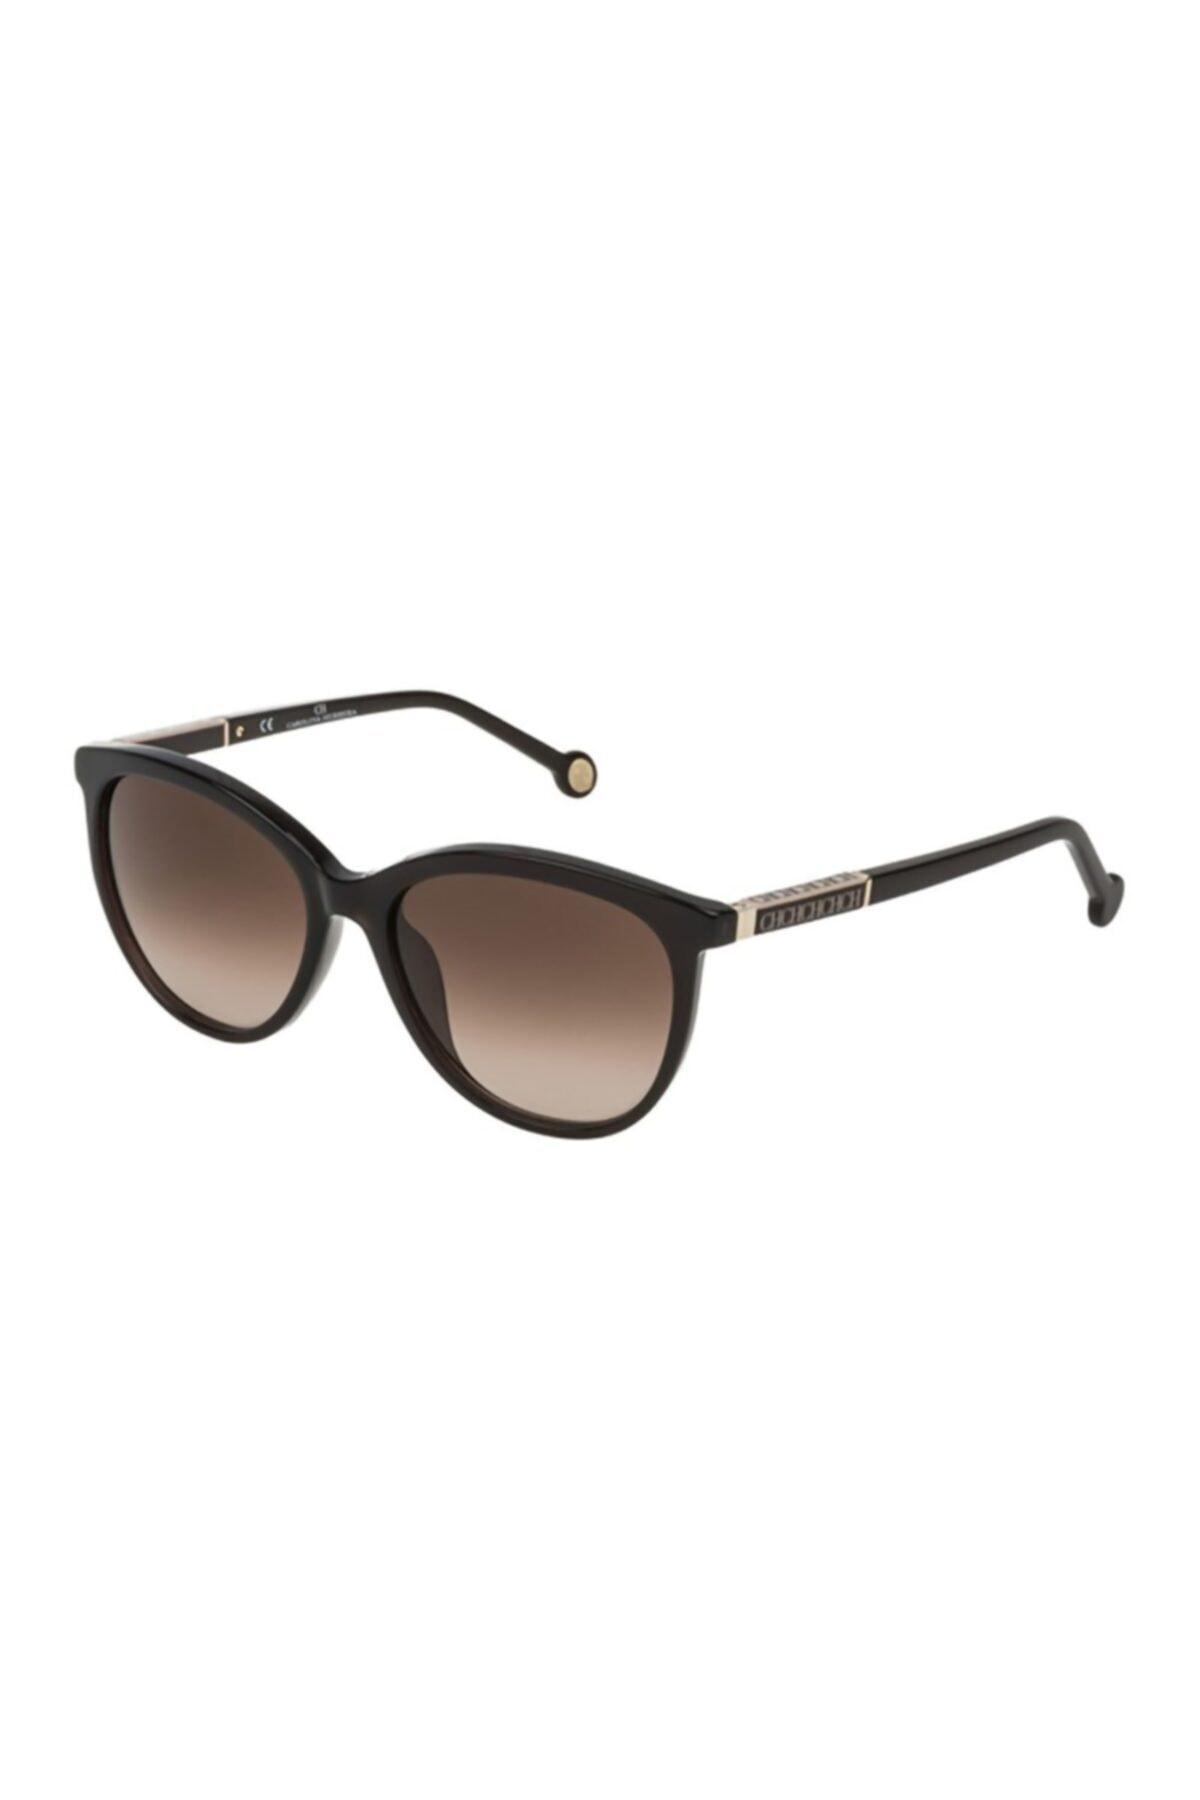 خرید نقدی عینک آفتابی زنانه فروشگاه اینترنتی برند Carolina Herrera رنگ قهوه ای کد ty67943485